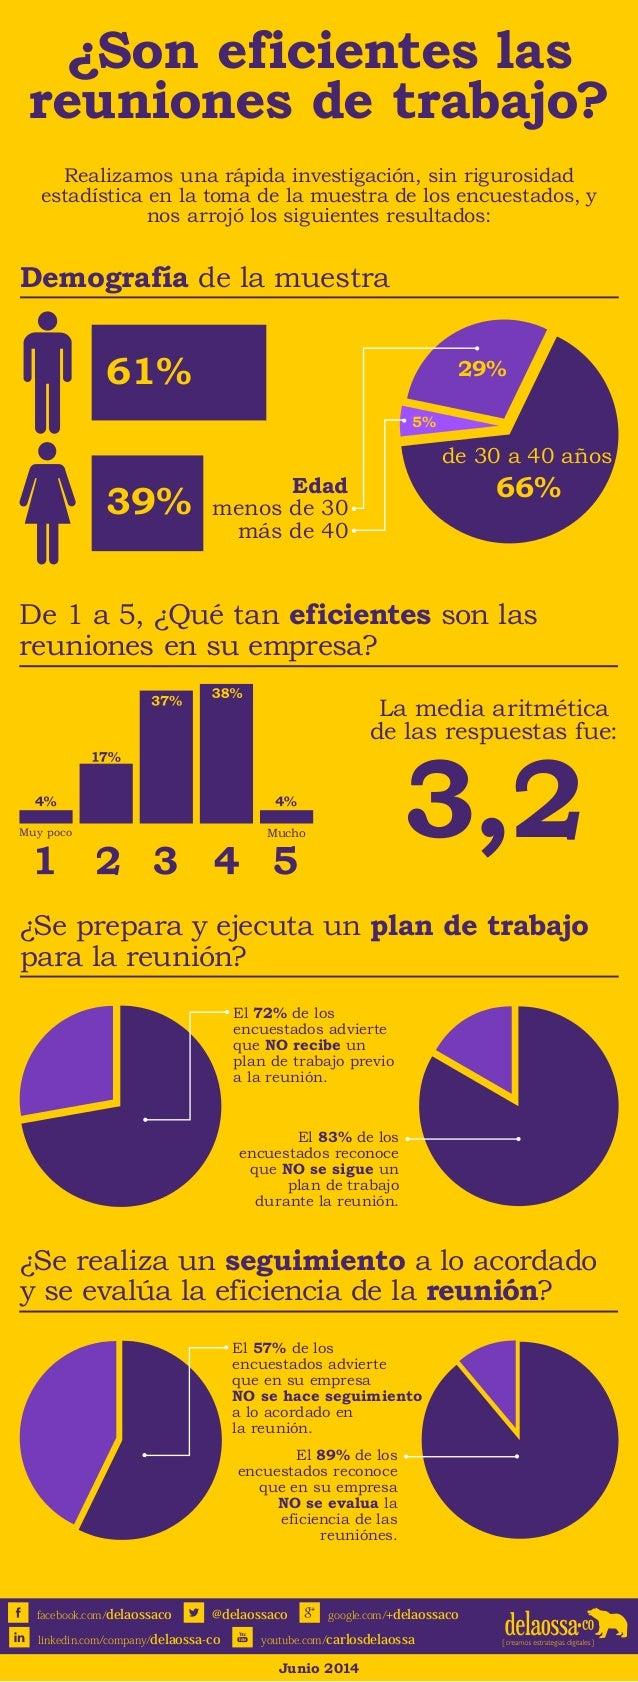 ¿Son eficientes las reuniones de trabajo? (infografía)